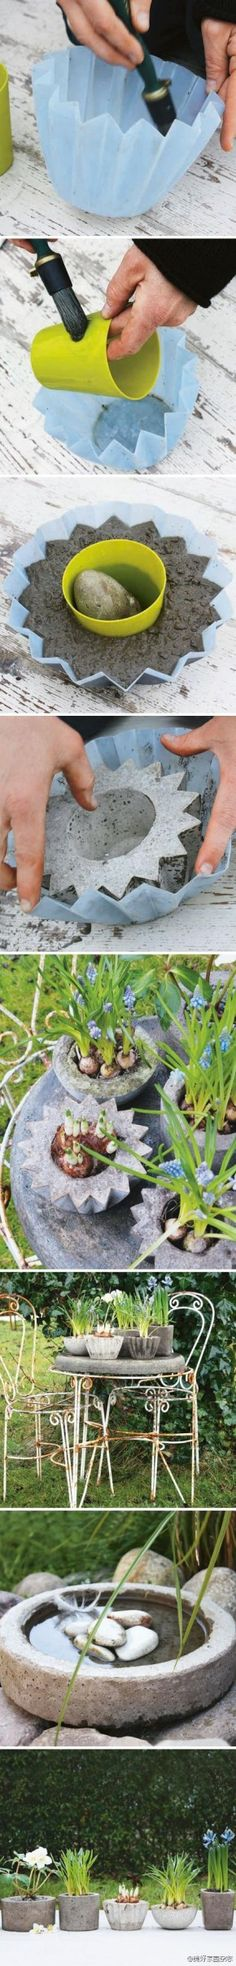 Zelf maken: bloempot/plantenbak van beton